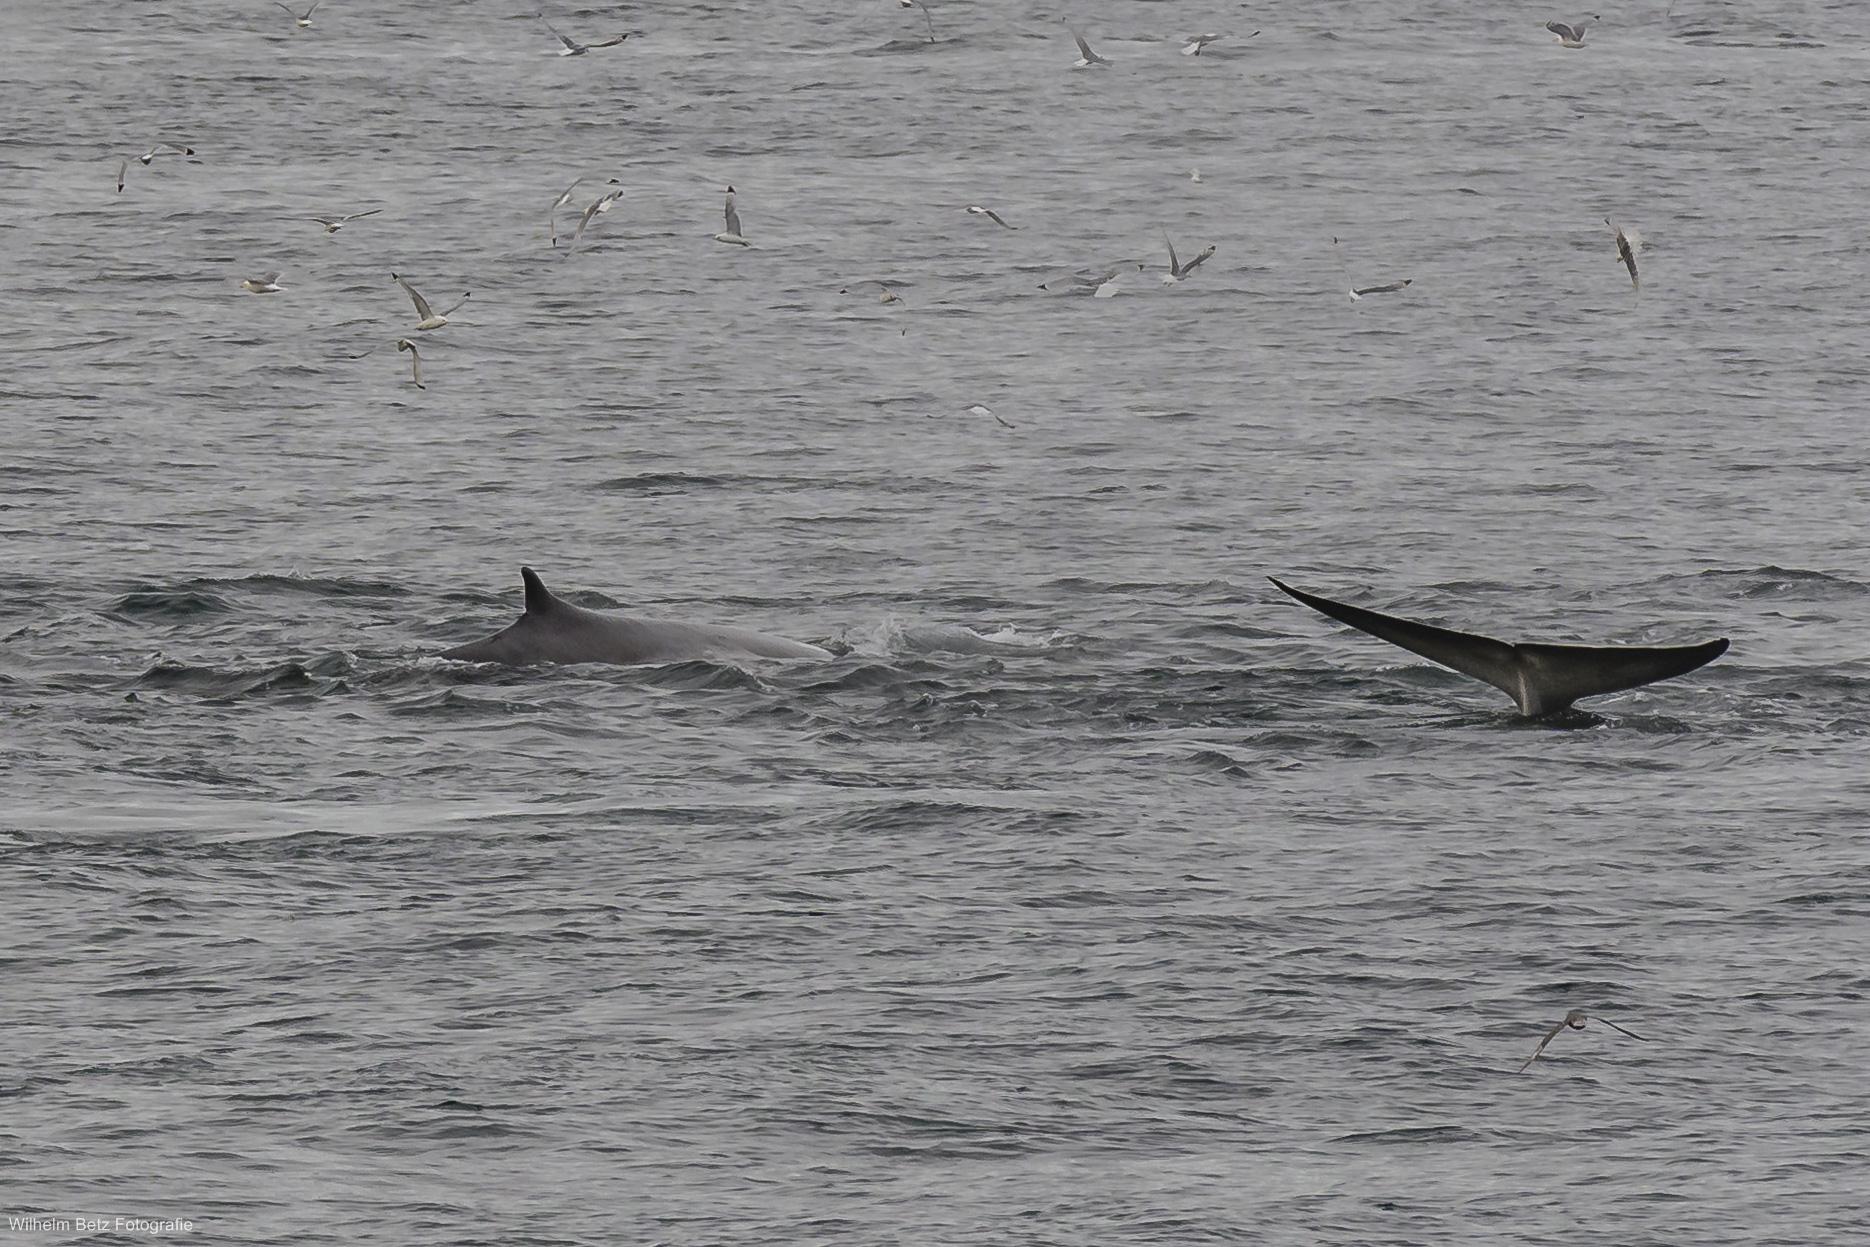 Ein Finnwal streckt uns seine Finne entgegen.